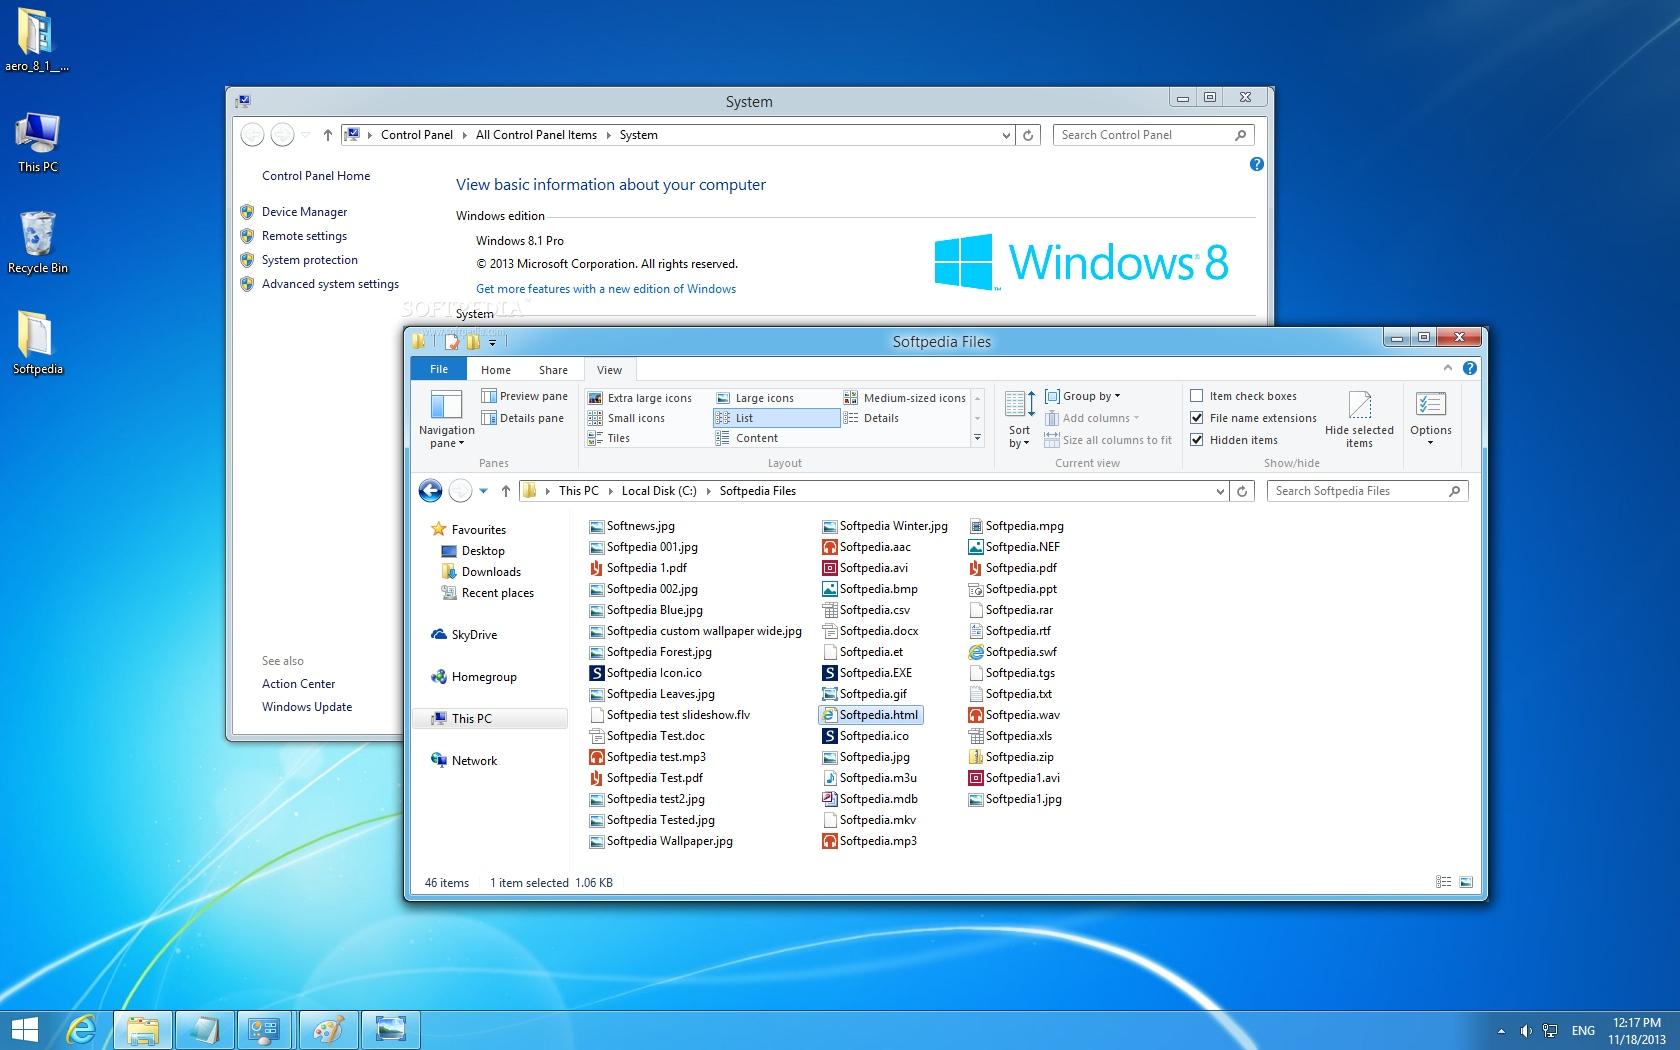 Windows aero theme